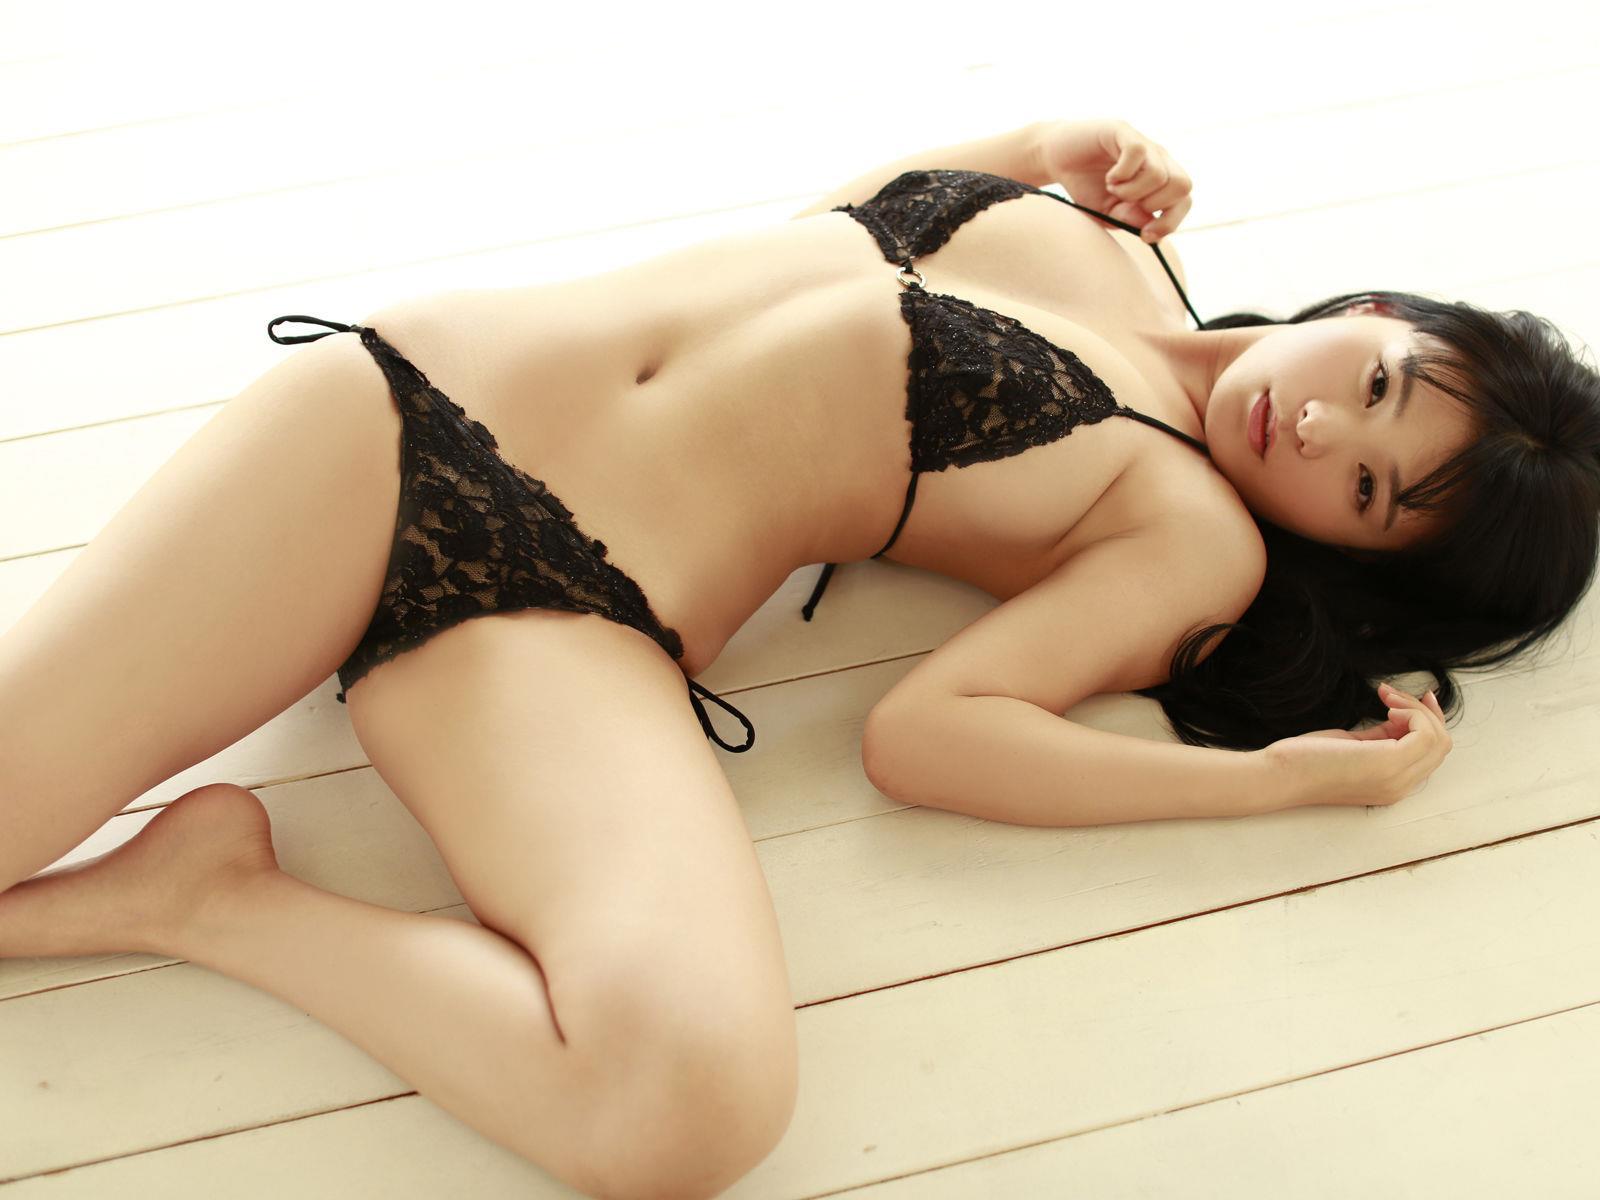 星名美津紀 セクシー画像 14